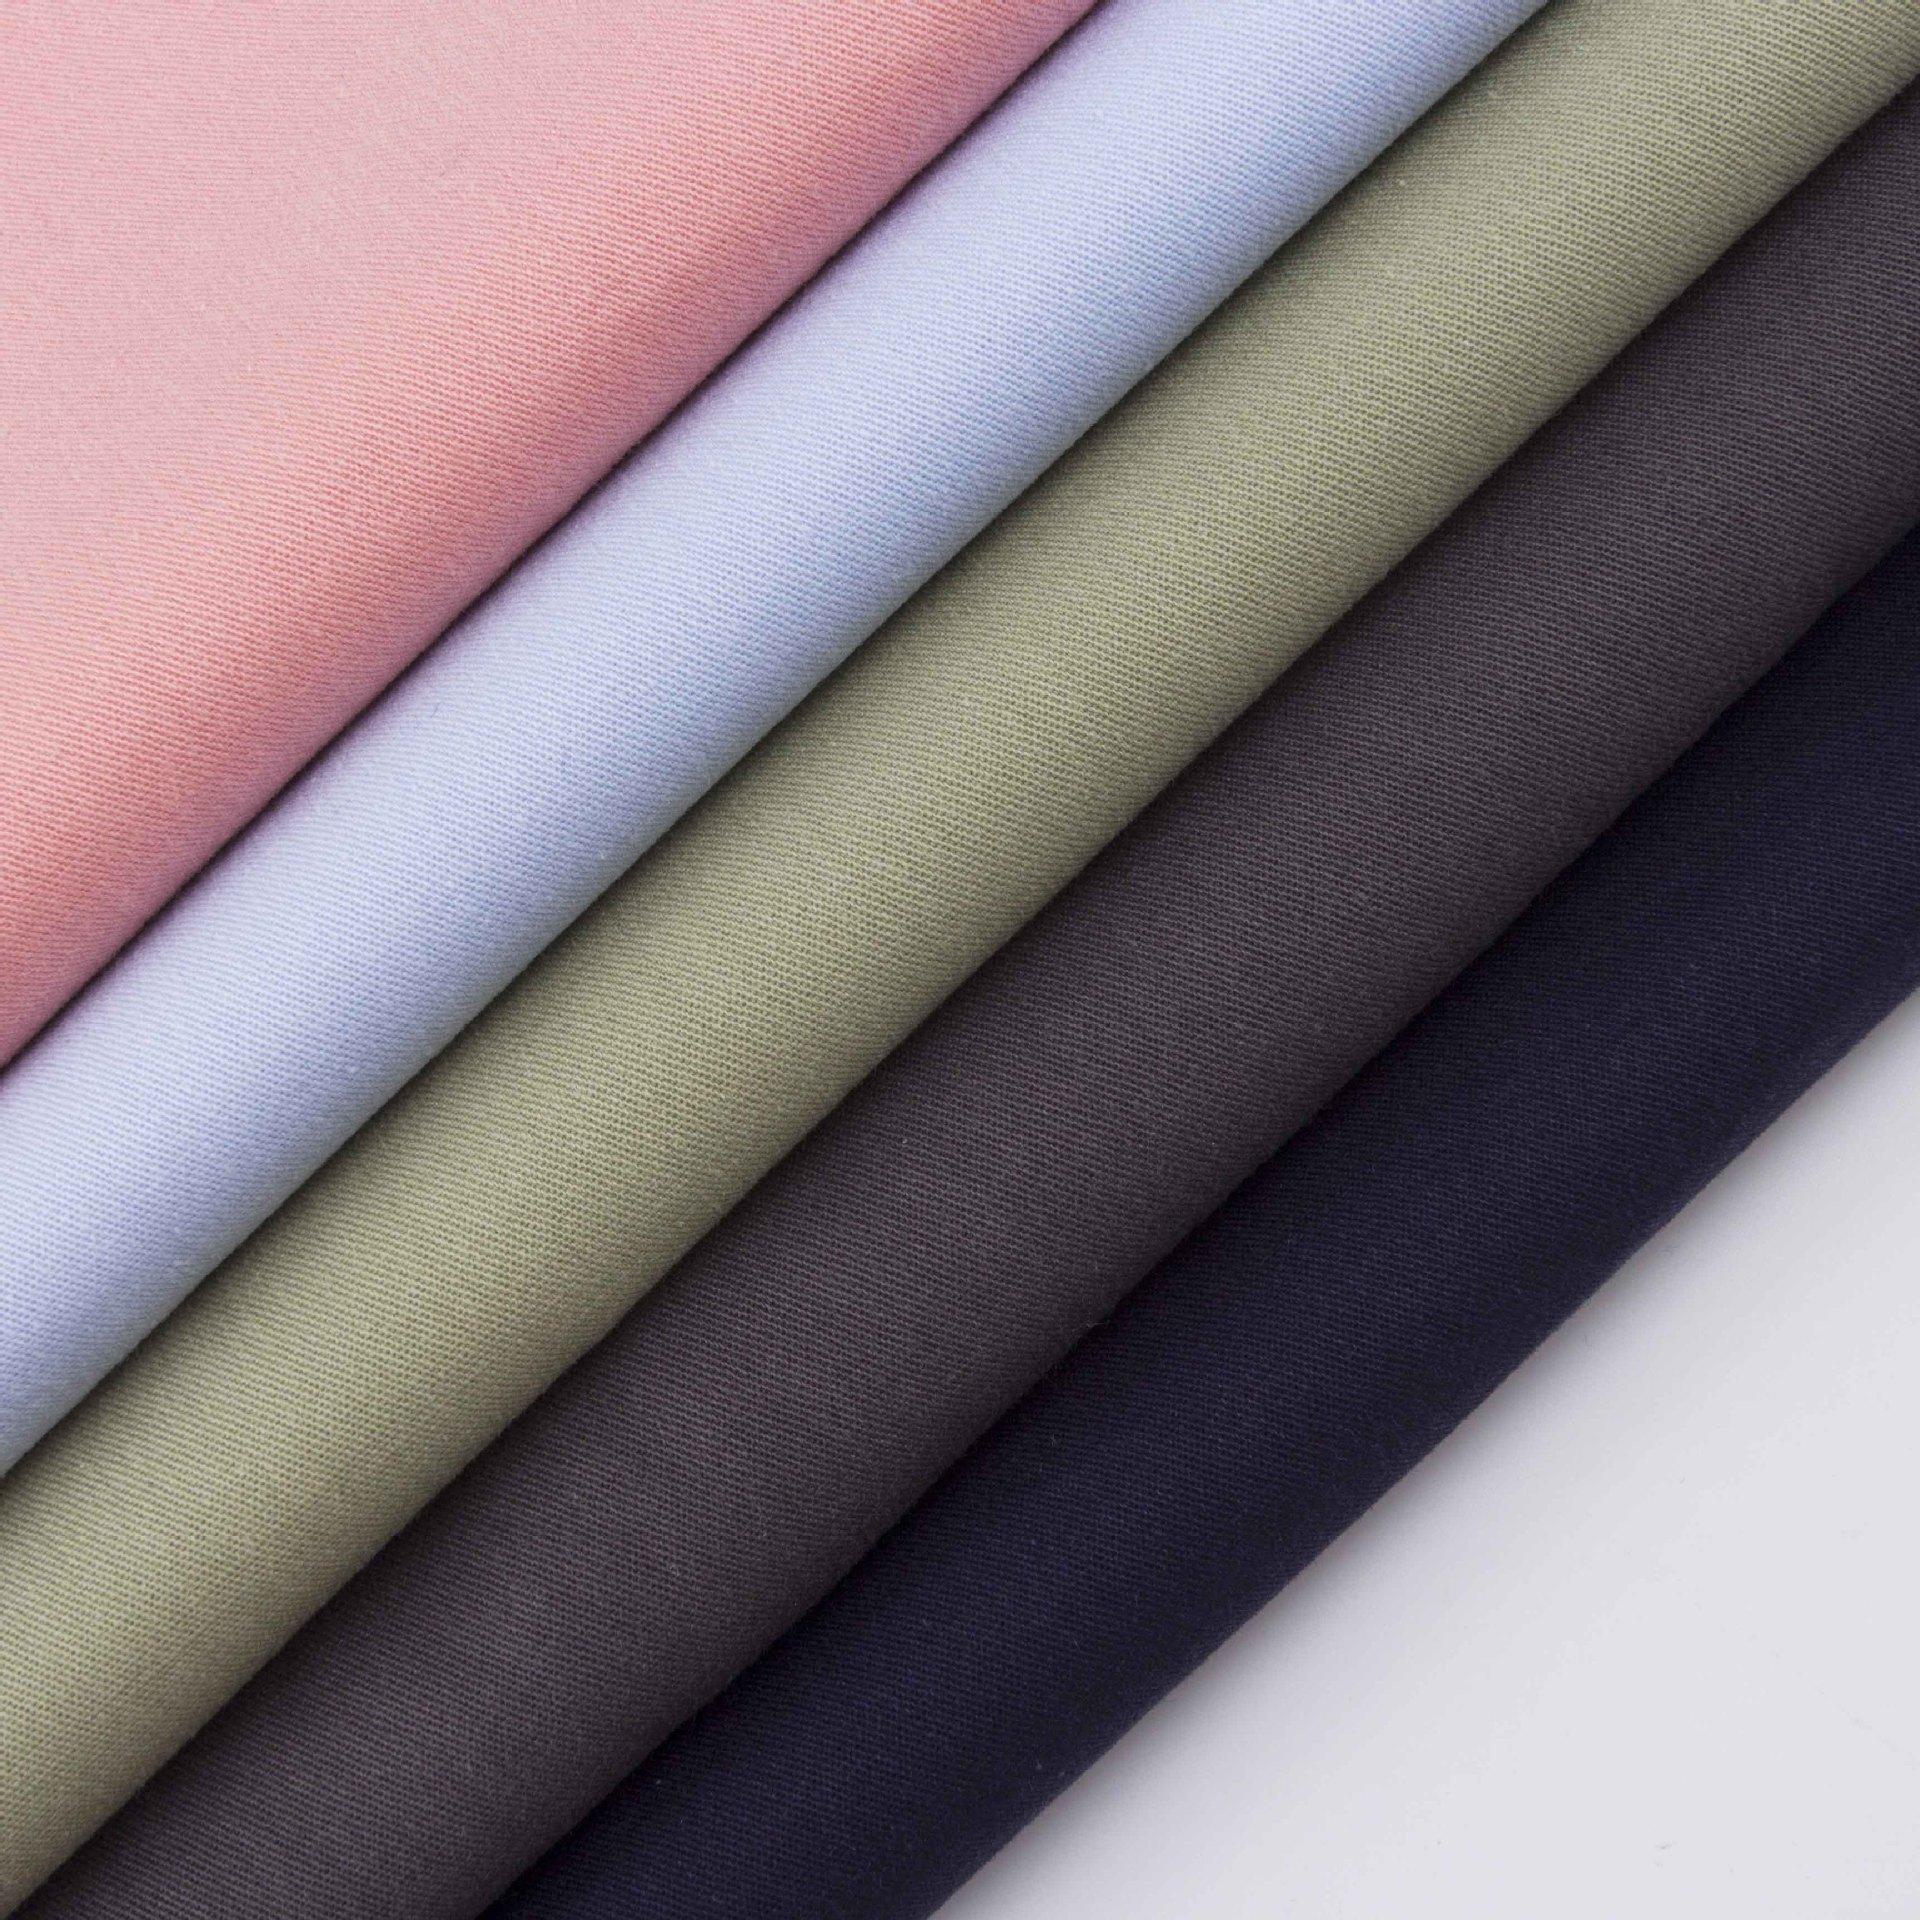 SHAOXING V ải Twill [Spot] Thẻ cotton 32 * 16 cổ điển mùa xuân và mùa hè trẻ em mặc quần áo công sở